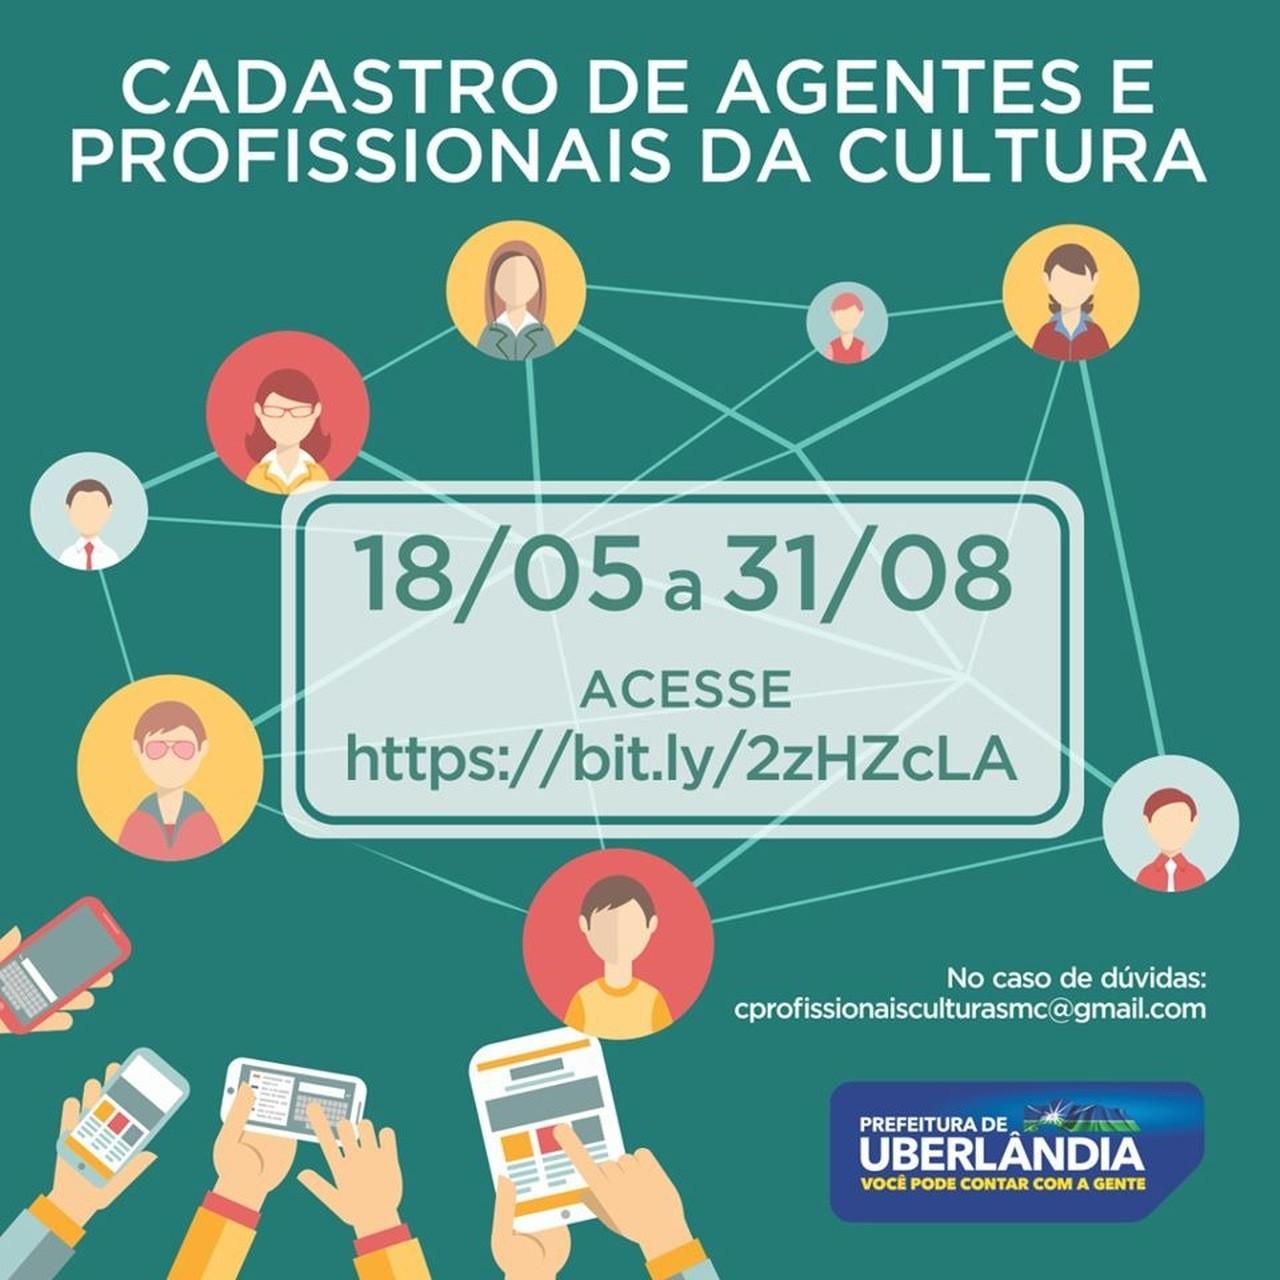 Secretaria de Cultura de Uberlândia inicia cadastro de agentes e profissionais da área